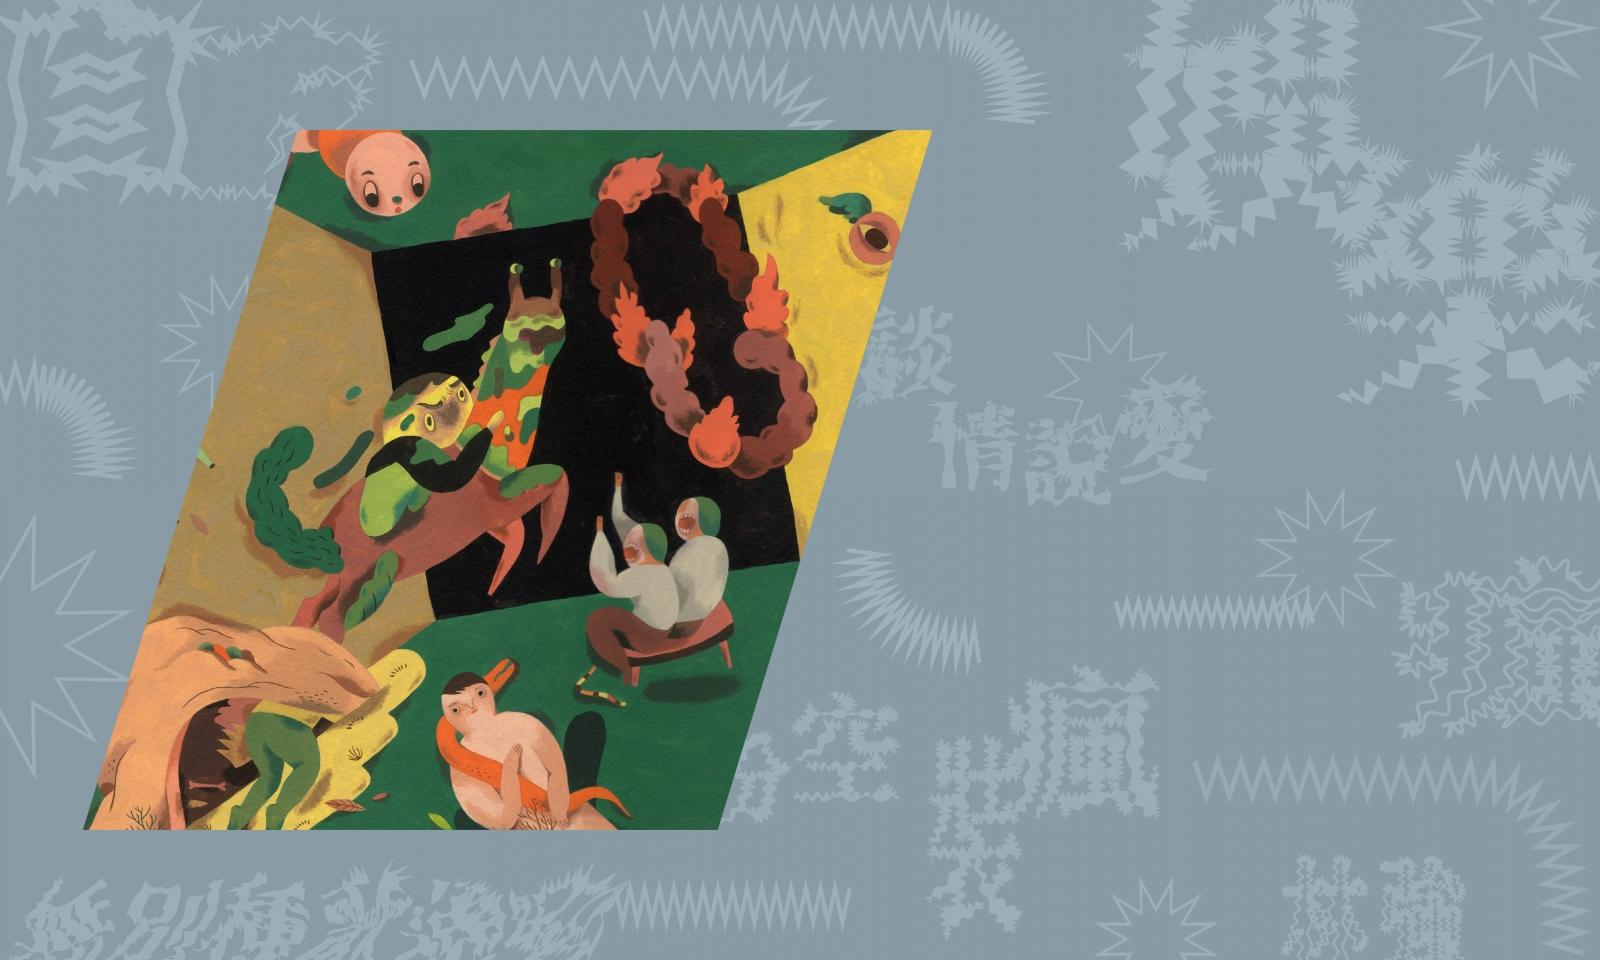 畫一首歌  川貝母 ╳ 林強〈娛樂世界〉:時不我予的批判